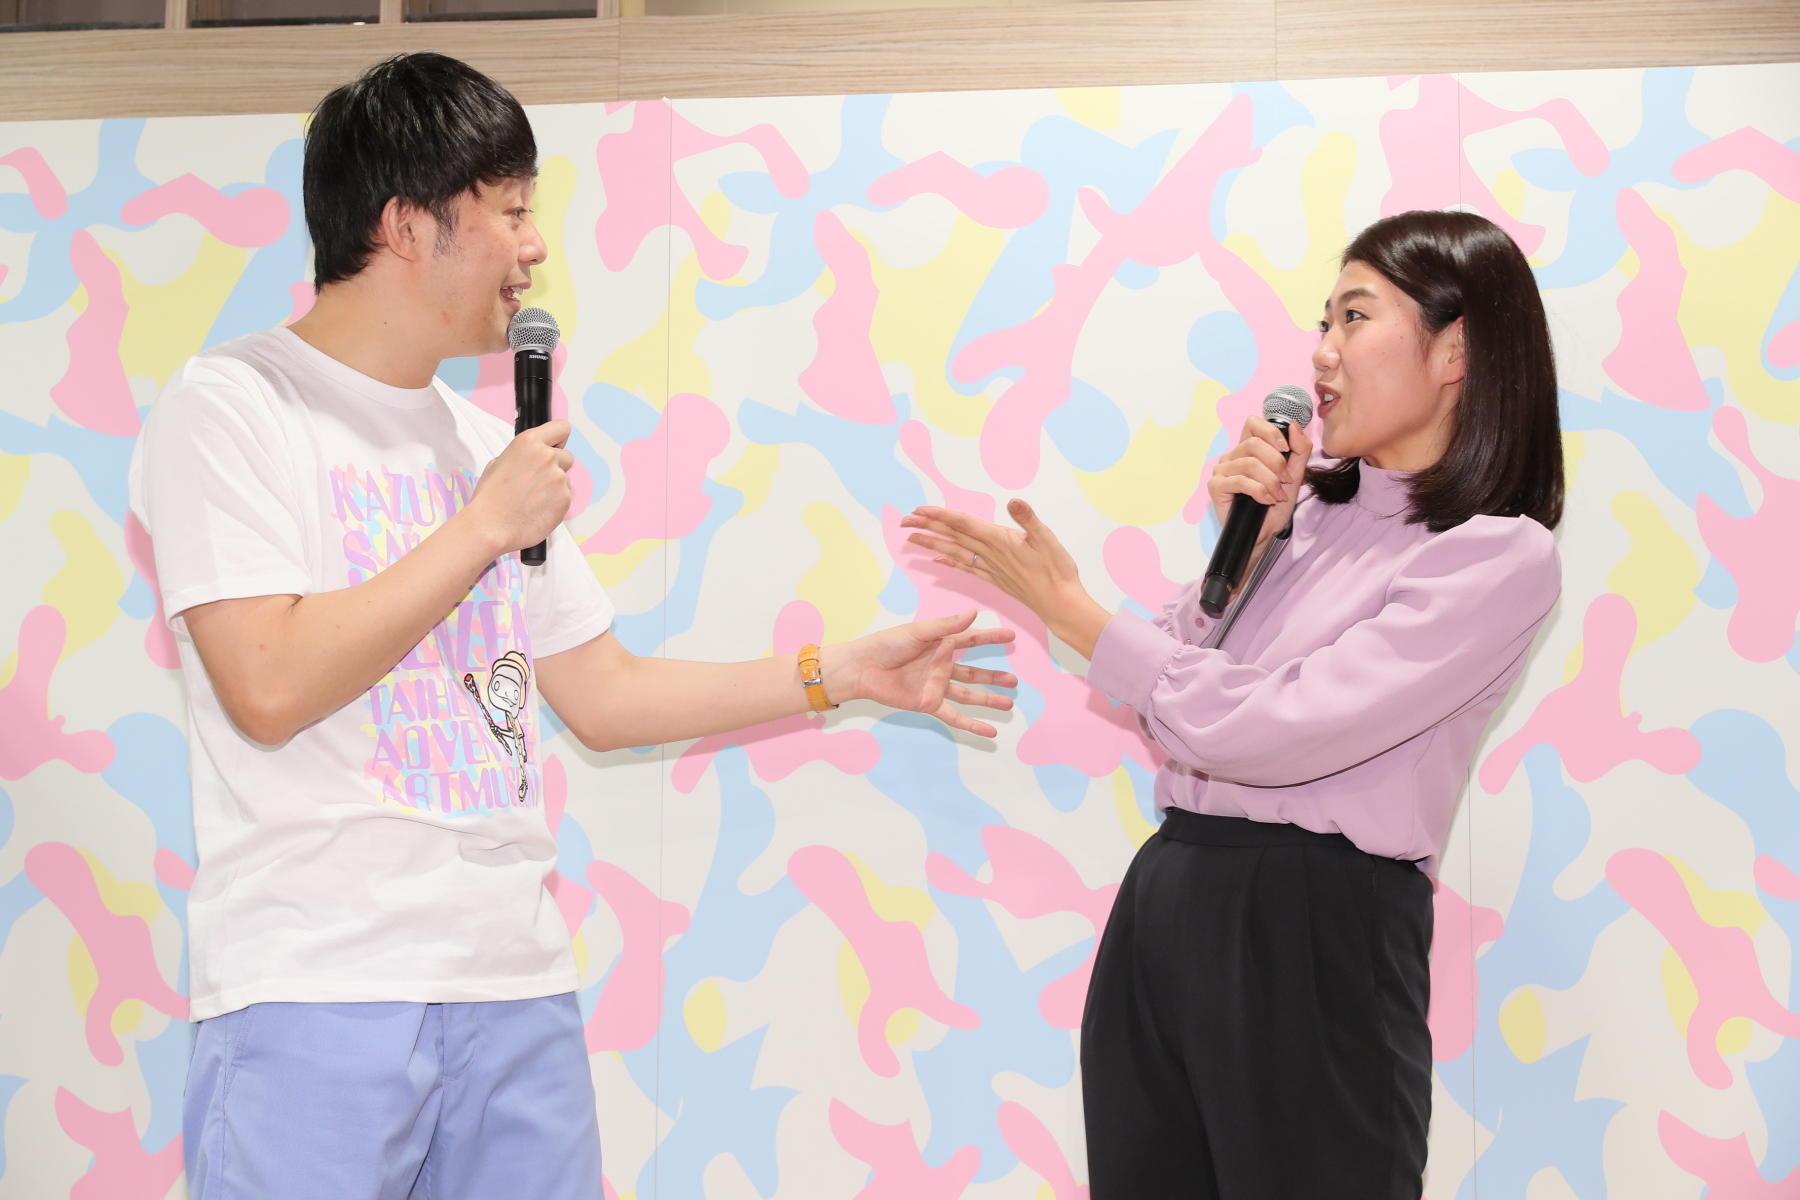 http://news.yoshimoto.co.jp/20180427002115-8d79cb9a08ed972a90bf525b044331543df4a2d9.jpg